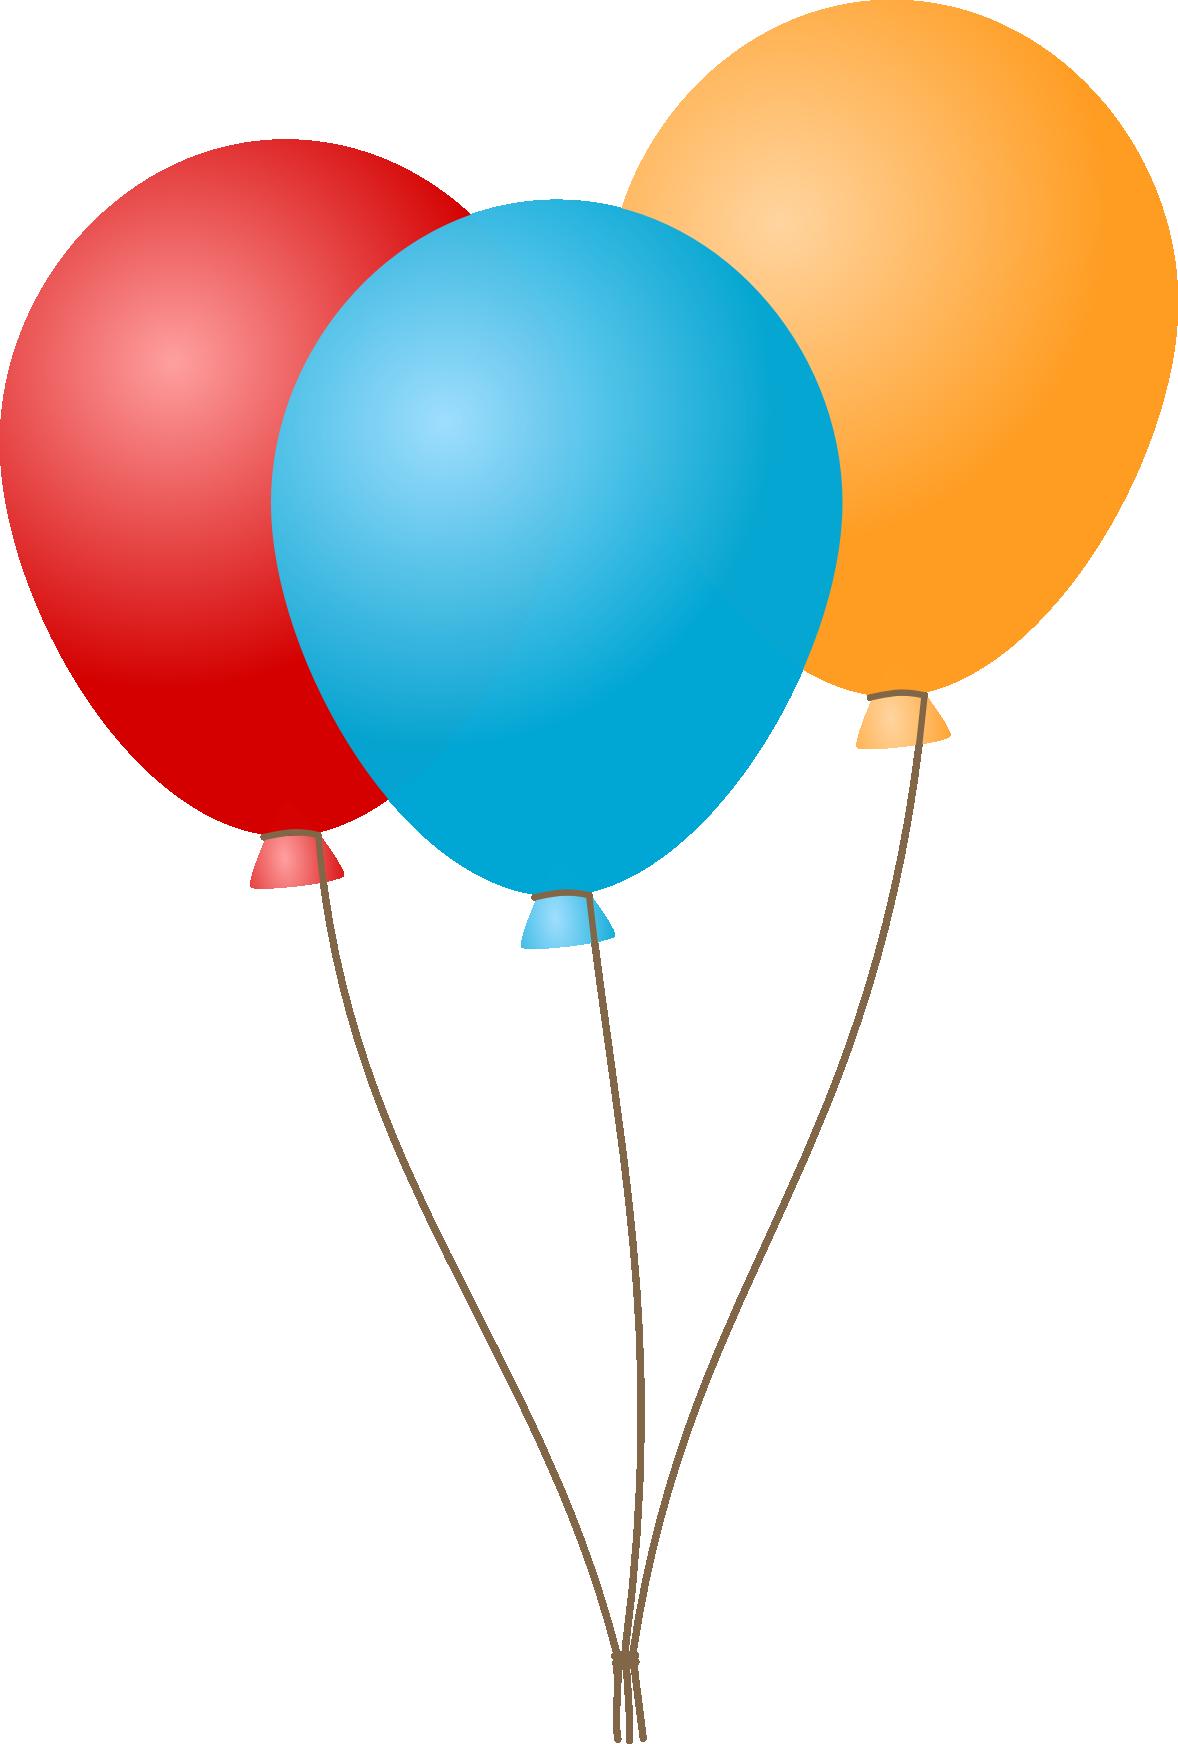 Balloon's